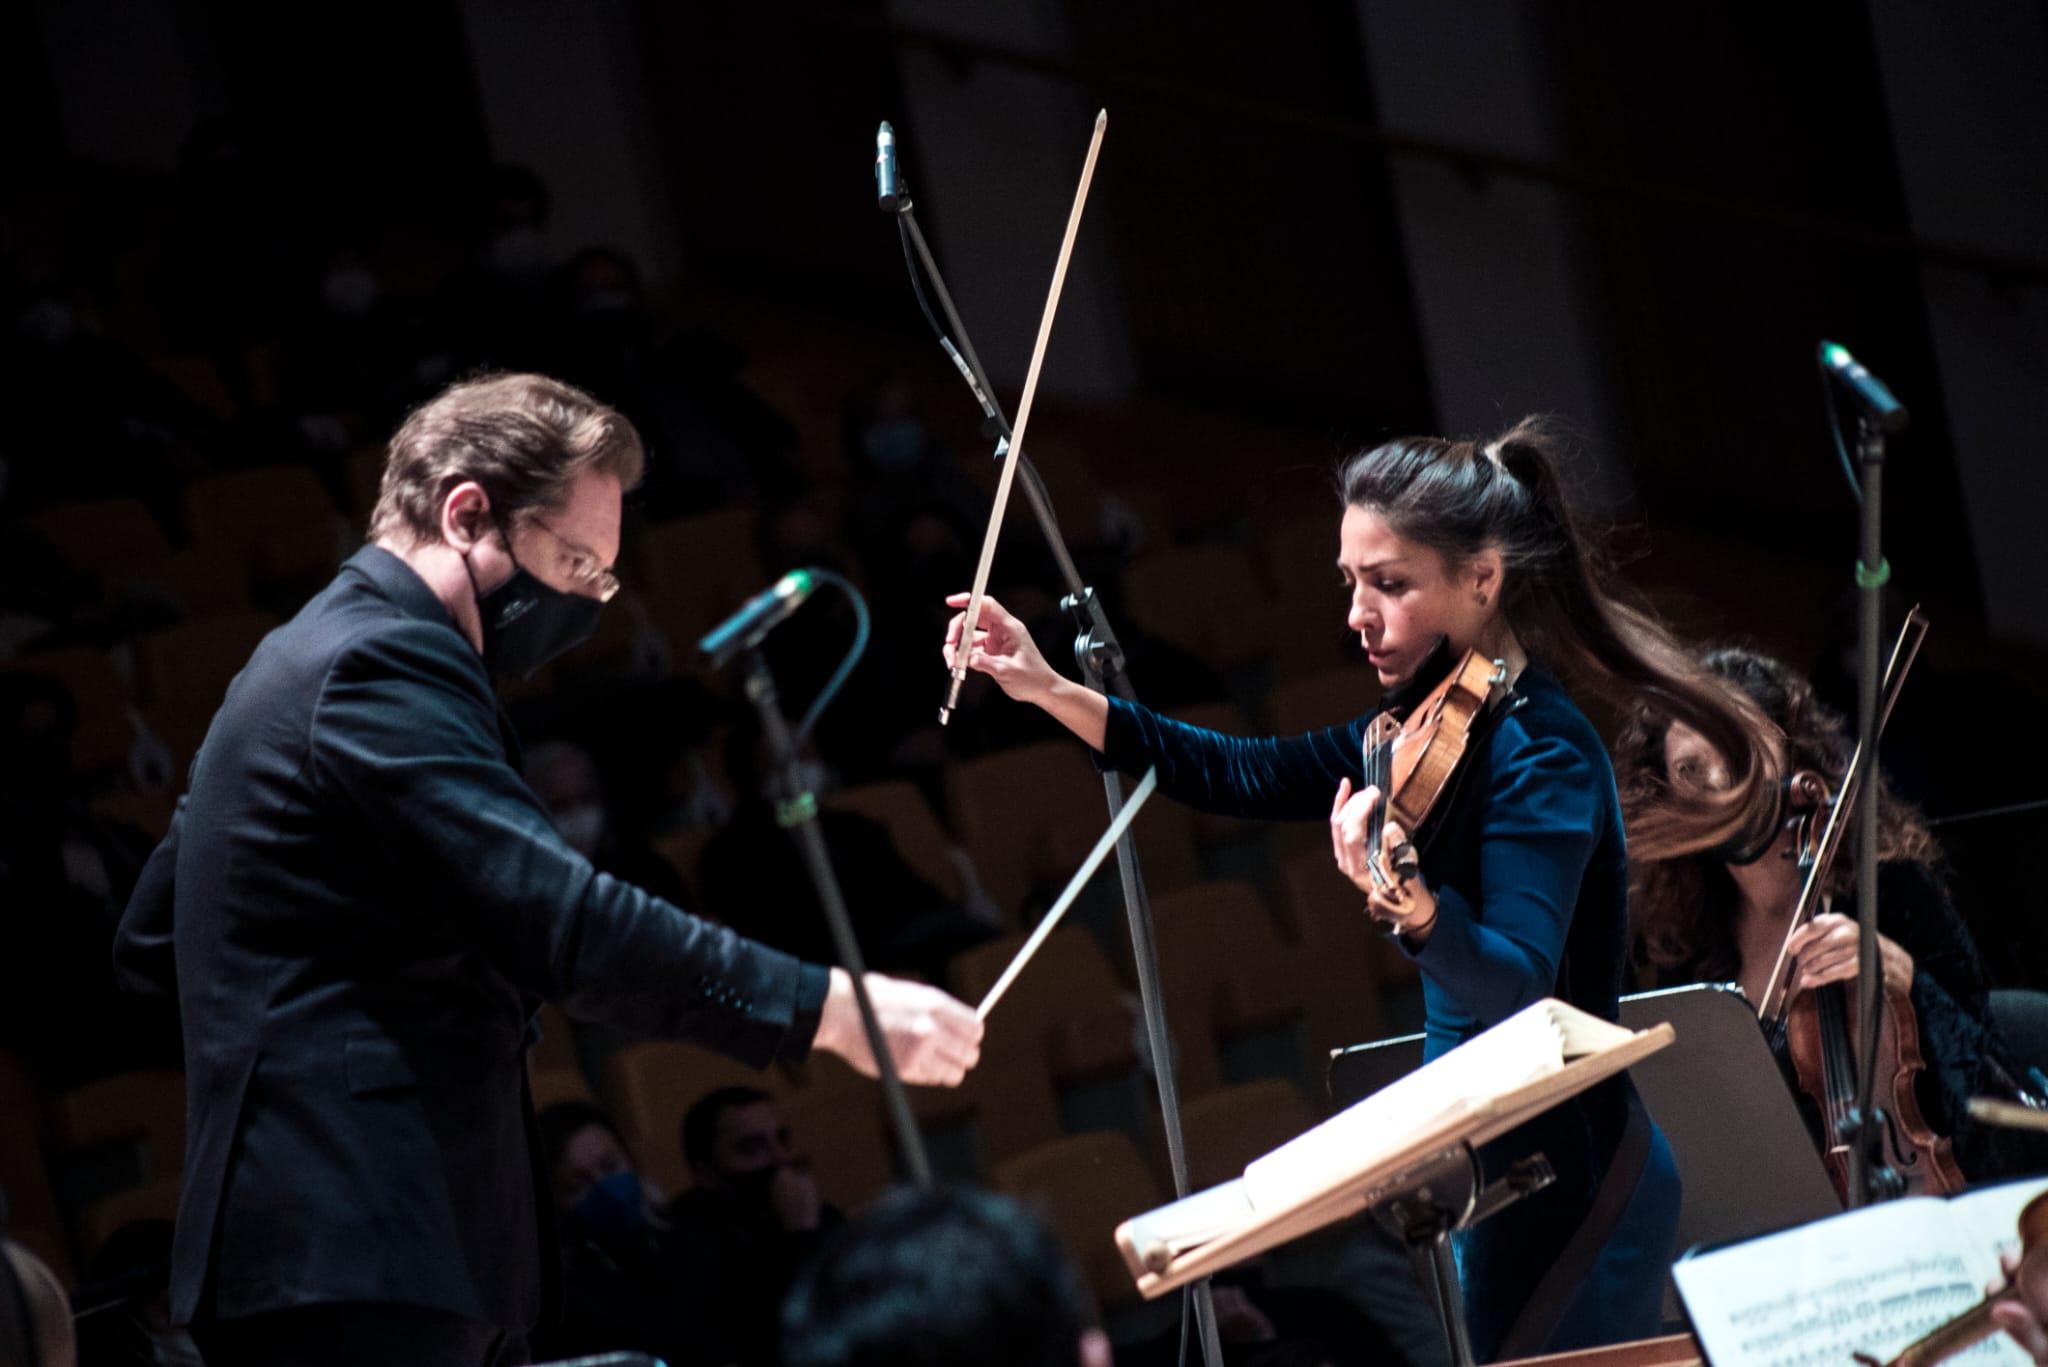 Crítica: Leticia Moreno y Ramón Tebar con la Orquesta de València. Sorpresas